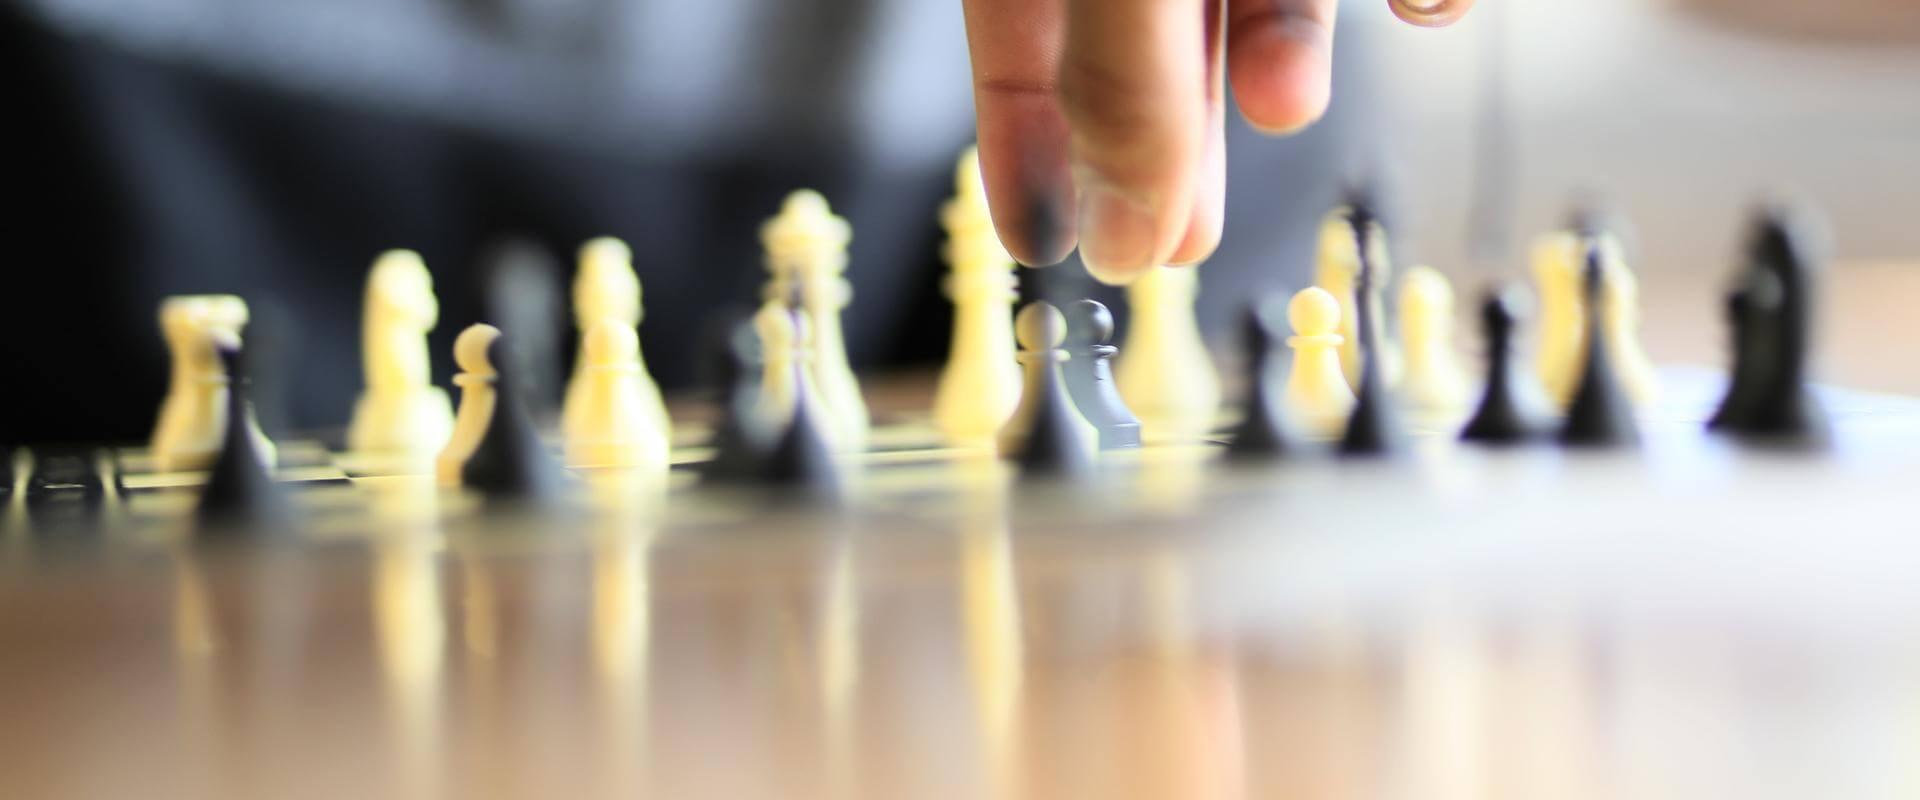 Patienten spielen Schach in der MEDIAN Klinik Odenwald